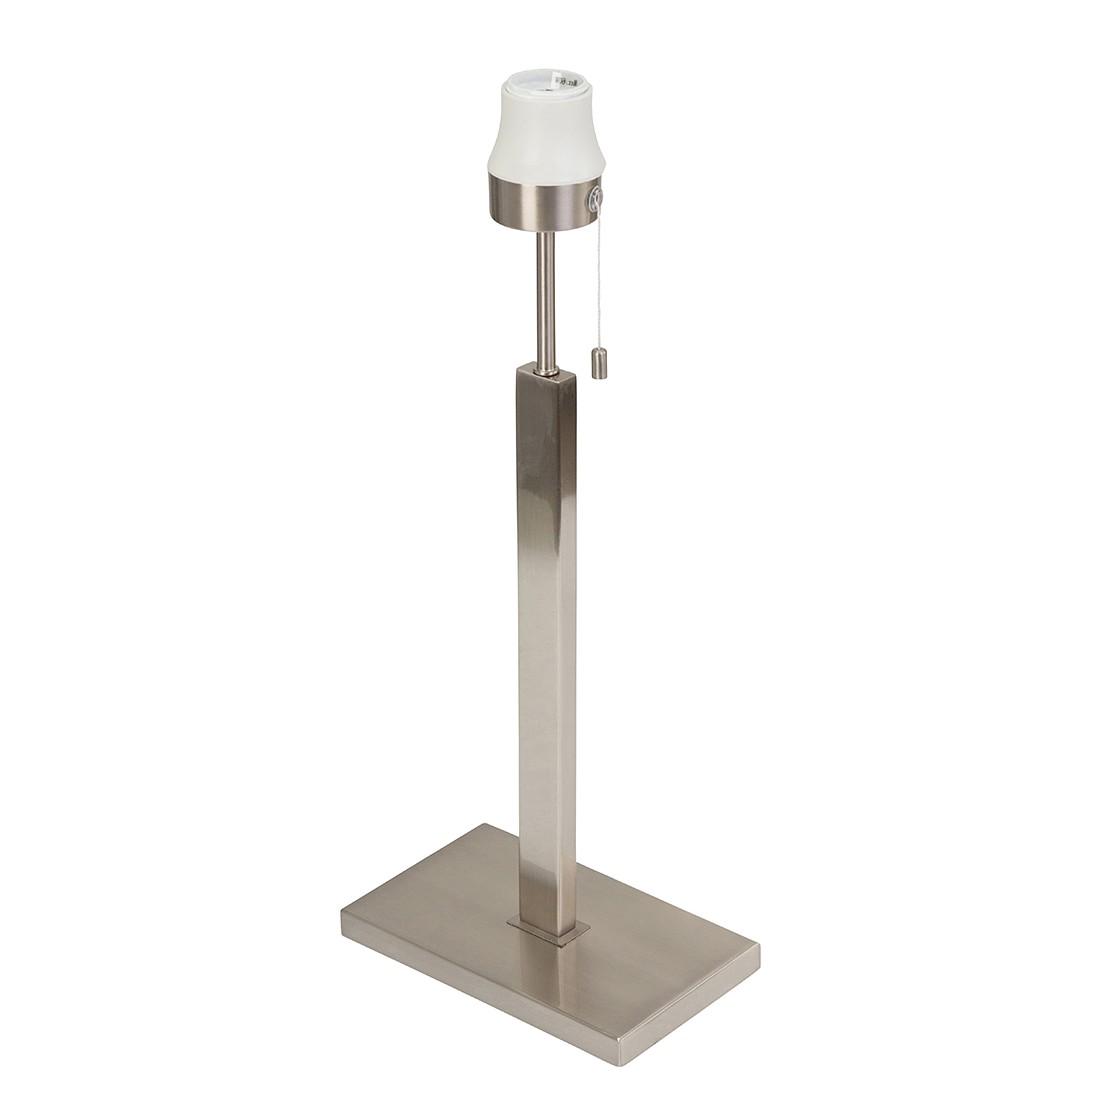 Tischleuchten-Armatur Louis 1-flammig ● Nickel matt- Steinhauer A++